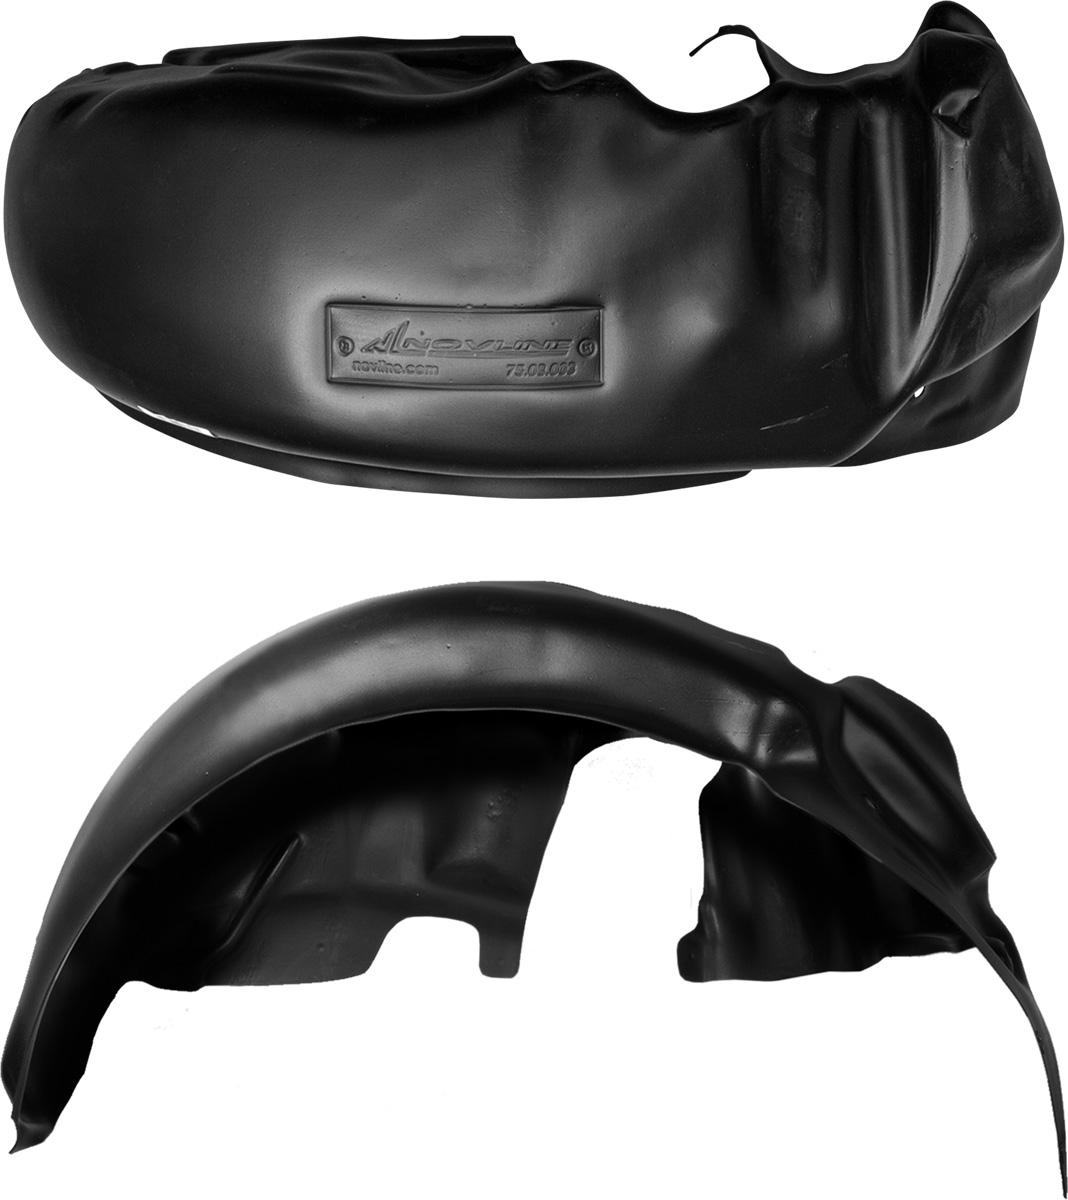 Подкрылок FIAT Ducato, 2012->, передний левыйNLL.15.11.001Колесные ниши – одни из самых уязвимых зон днища вашего автомобиля. Они постоянно подвергаются воздействию со стороны дороги. Лучшая, почти абсолютная защита для них - специально отформованные пластиковые кожухи, которые называются подкрылками, или локерами. Производятся они как для отечественных моделей автомобилей, так и для иномарок. Подкрылки выполнены из высококачественного, экологически чистого пластика. Обеспечивают надежную защиту кузова автомобиля от пескоструйного эффекта и негативного влияния, агрессивных антигололедных реагентов. Пластик обладает более низкой теплопроводностью, чем металл, поэтому в зимний период эксплуатации использование пластиковых подкрылков позволяет лучше защитить колесные ниши от налипания снега и образования наледи. Оригинальность конструкции подчеркивает элегантность автомобиля, бережно защищает нанесенное на днище кузова антикоррозийное покрытие и позволяет осуществить крепление подкрылков внутри колесной арки практически без дополнительного крепежа и сверления, не нарушая при этом лакокрасочного покрытия, что предотвращает возникновение новых очагов коррозии. Технология крепления подкрылков на иномарки принципиально отличается от крепления на российские автомобили и разрабатывается индивидуально для каждой модели автомобиля. Подкрылки долговечны, обладают высокой прочностью и сохраняют заданную форму, а также все свои физико-механические характеристики в самых тяжелых климатических условиях ( от -50° С до + 50° С).